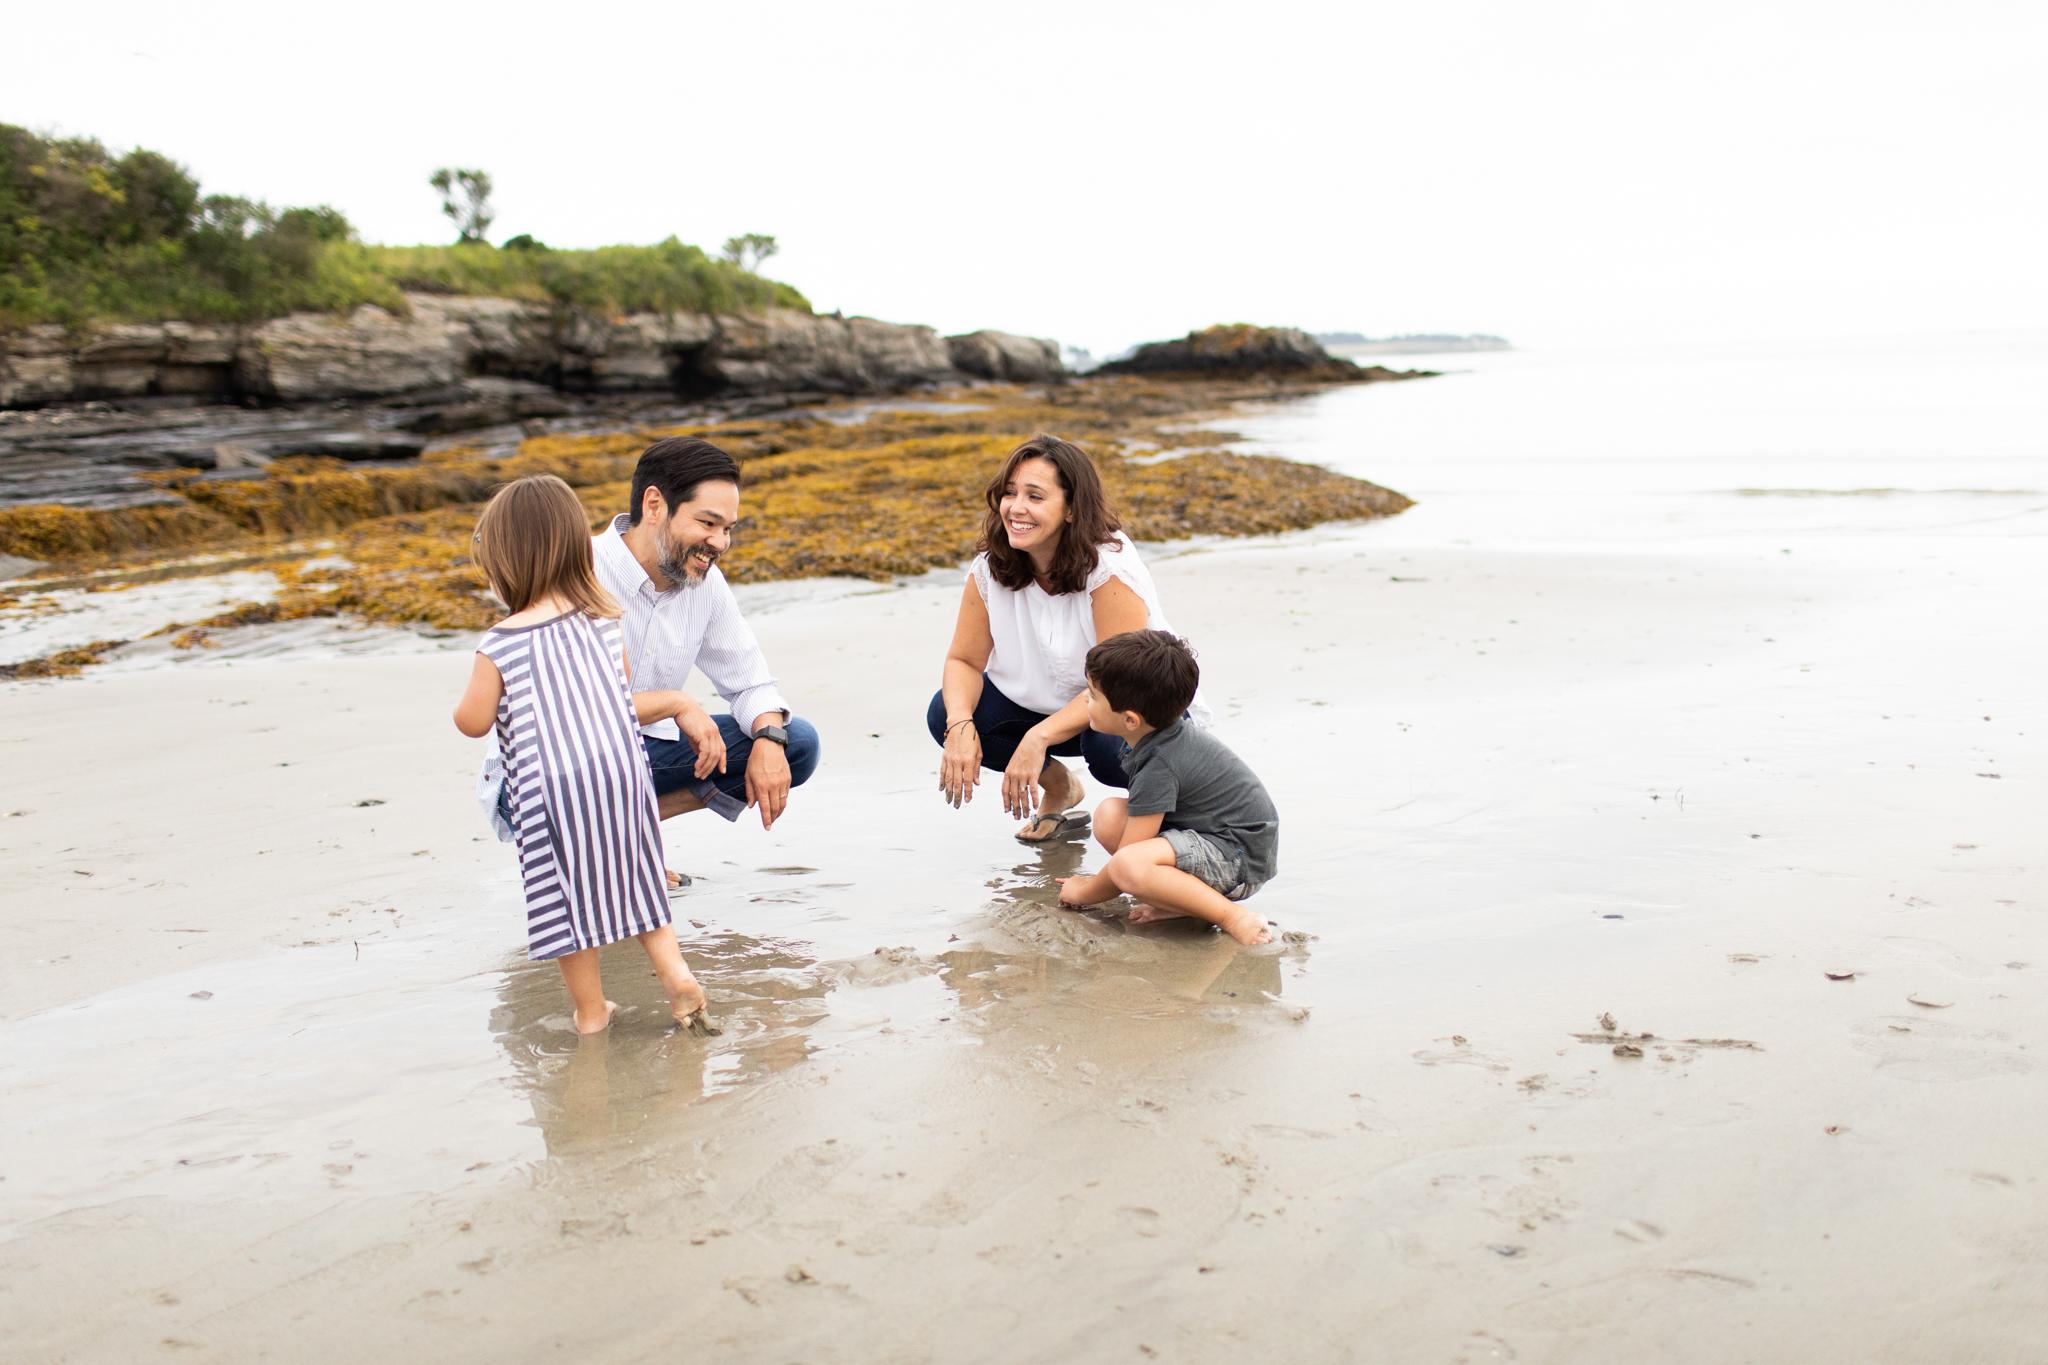 maine-family-photographer-beach-lifestyle -88.jpg